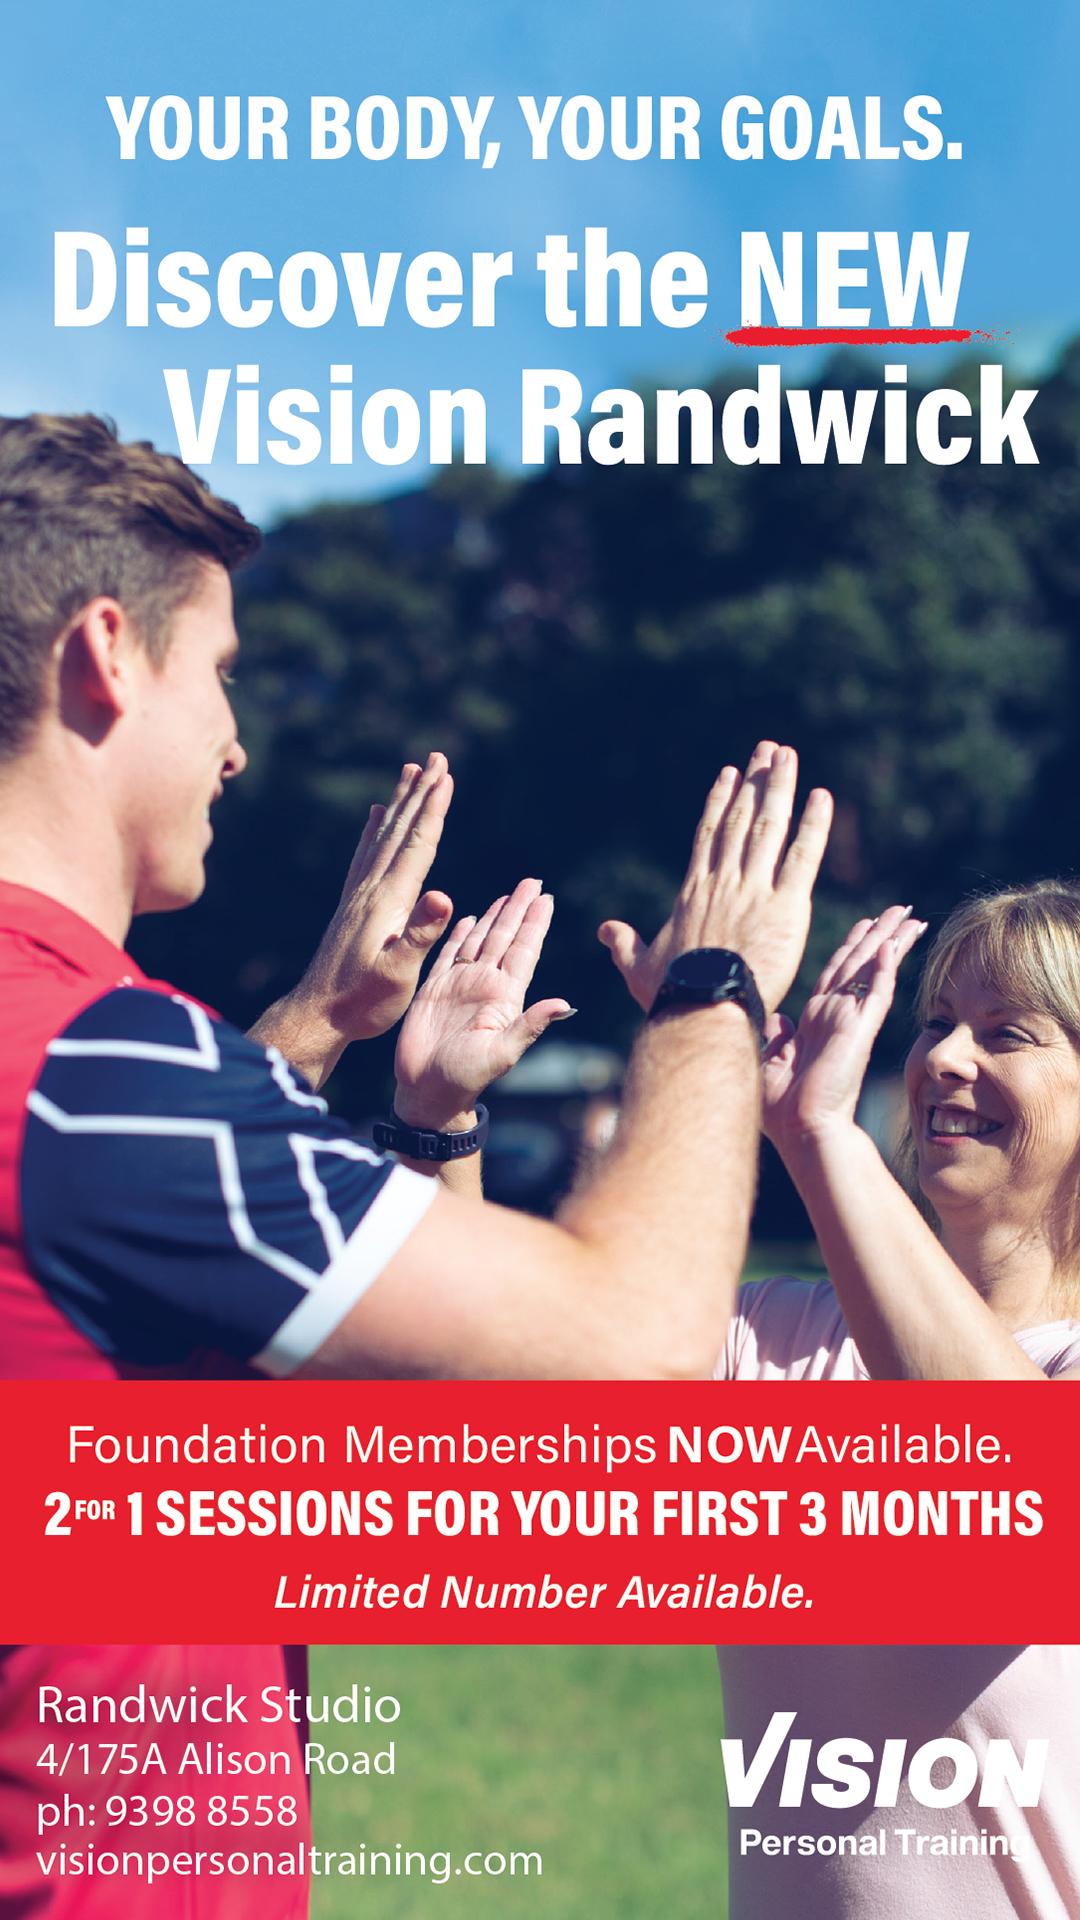 Vision Randwick advertising at Prince of Wales